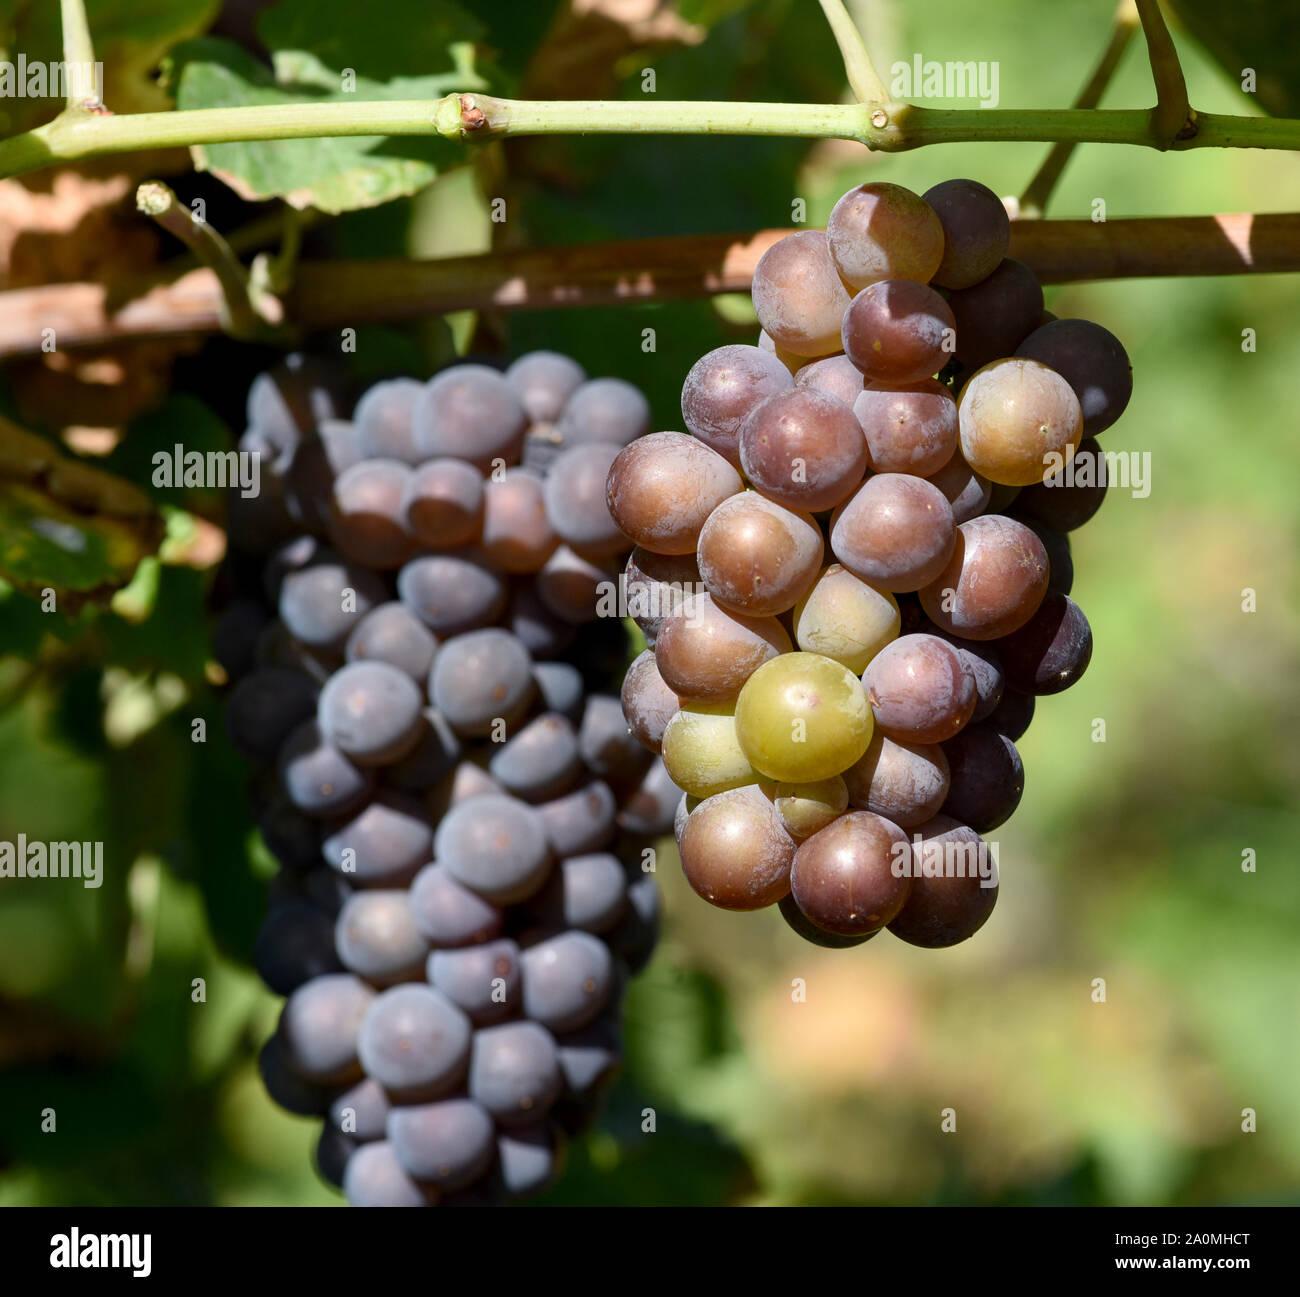 Grauburgunder, Pinot Gris, auch Ruländer genannt ist tot, sterben Weissweinsorte hauptsaechlich am Rhein und an der Mosel zu Wein vergoren wird. Die Gra Stockfoto